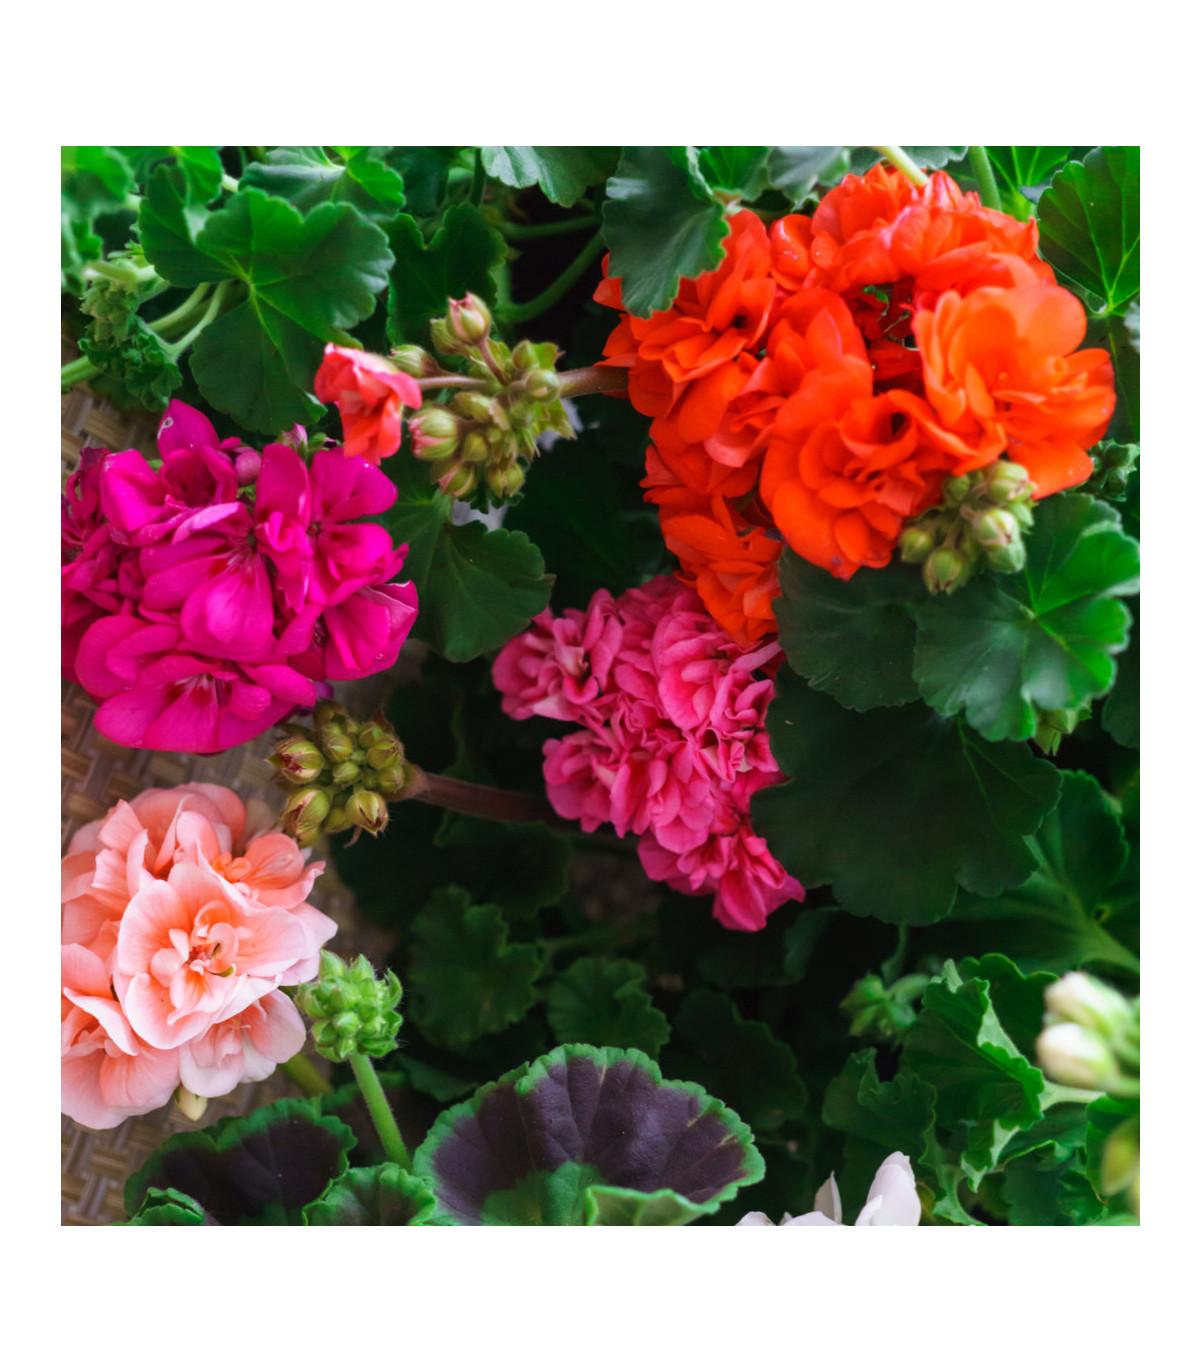 Muškát Paintbox směs barev - prodej semen muškátů - Pelargonium hybrids - 8 ks